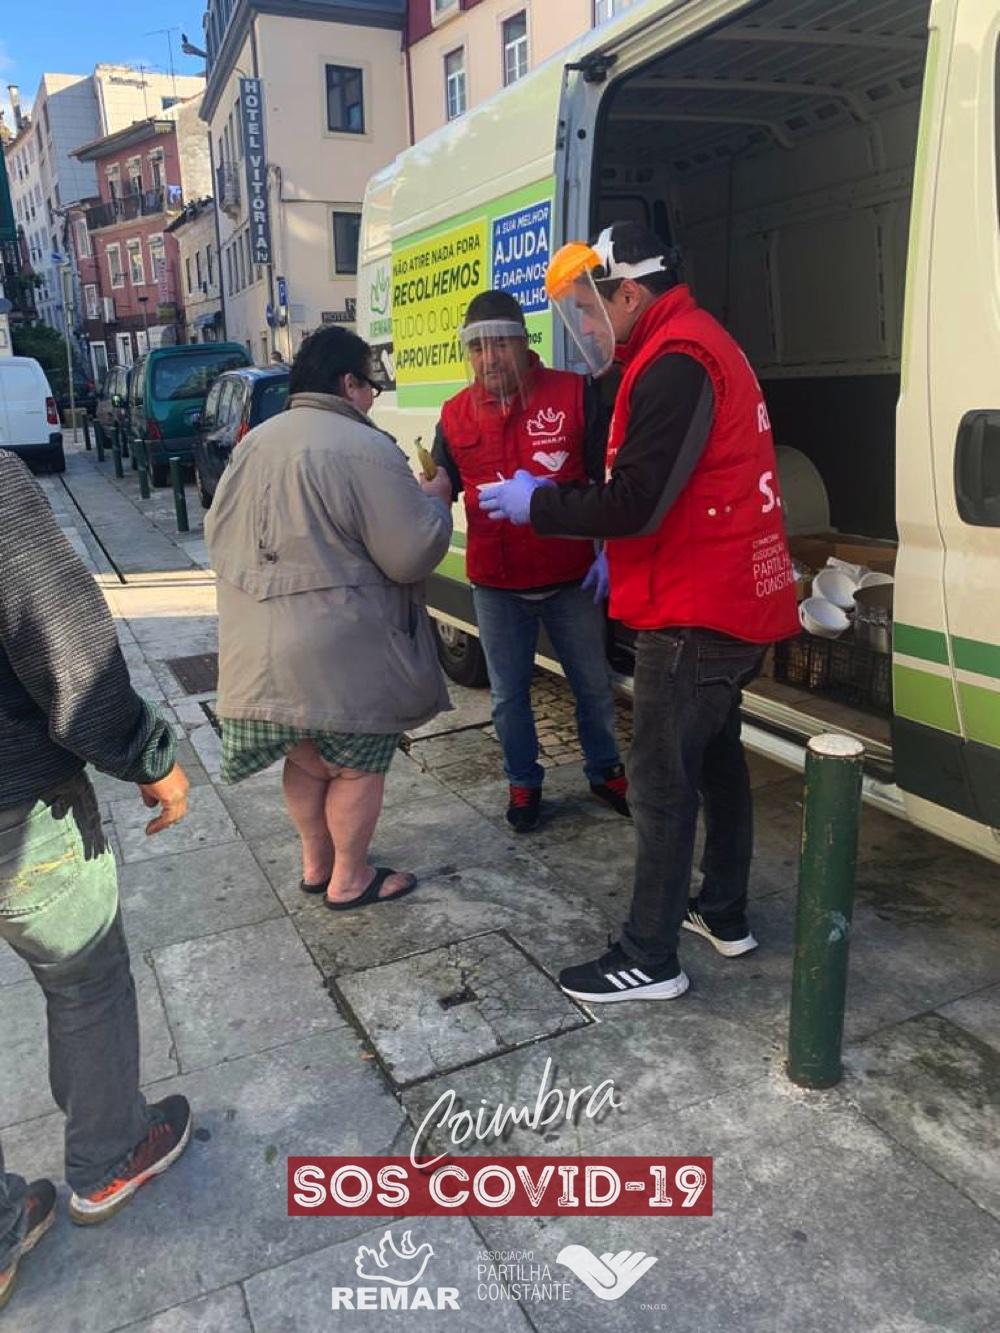 ajuda aos sem-abrigo remar